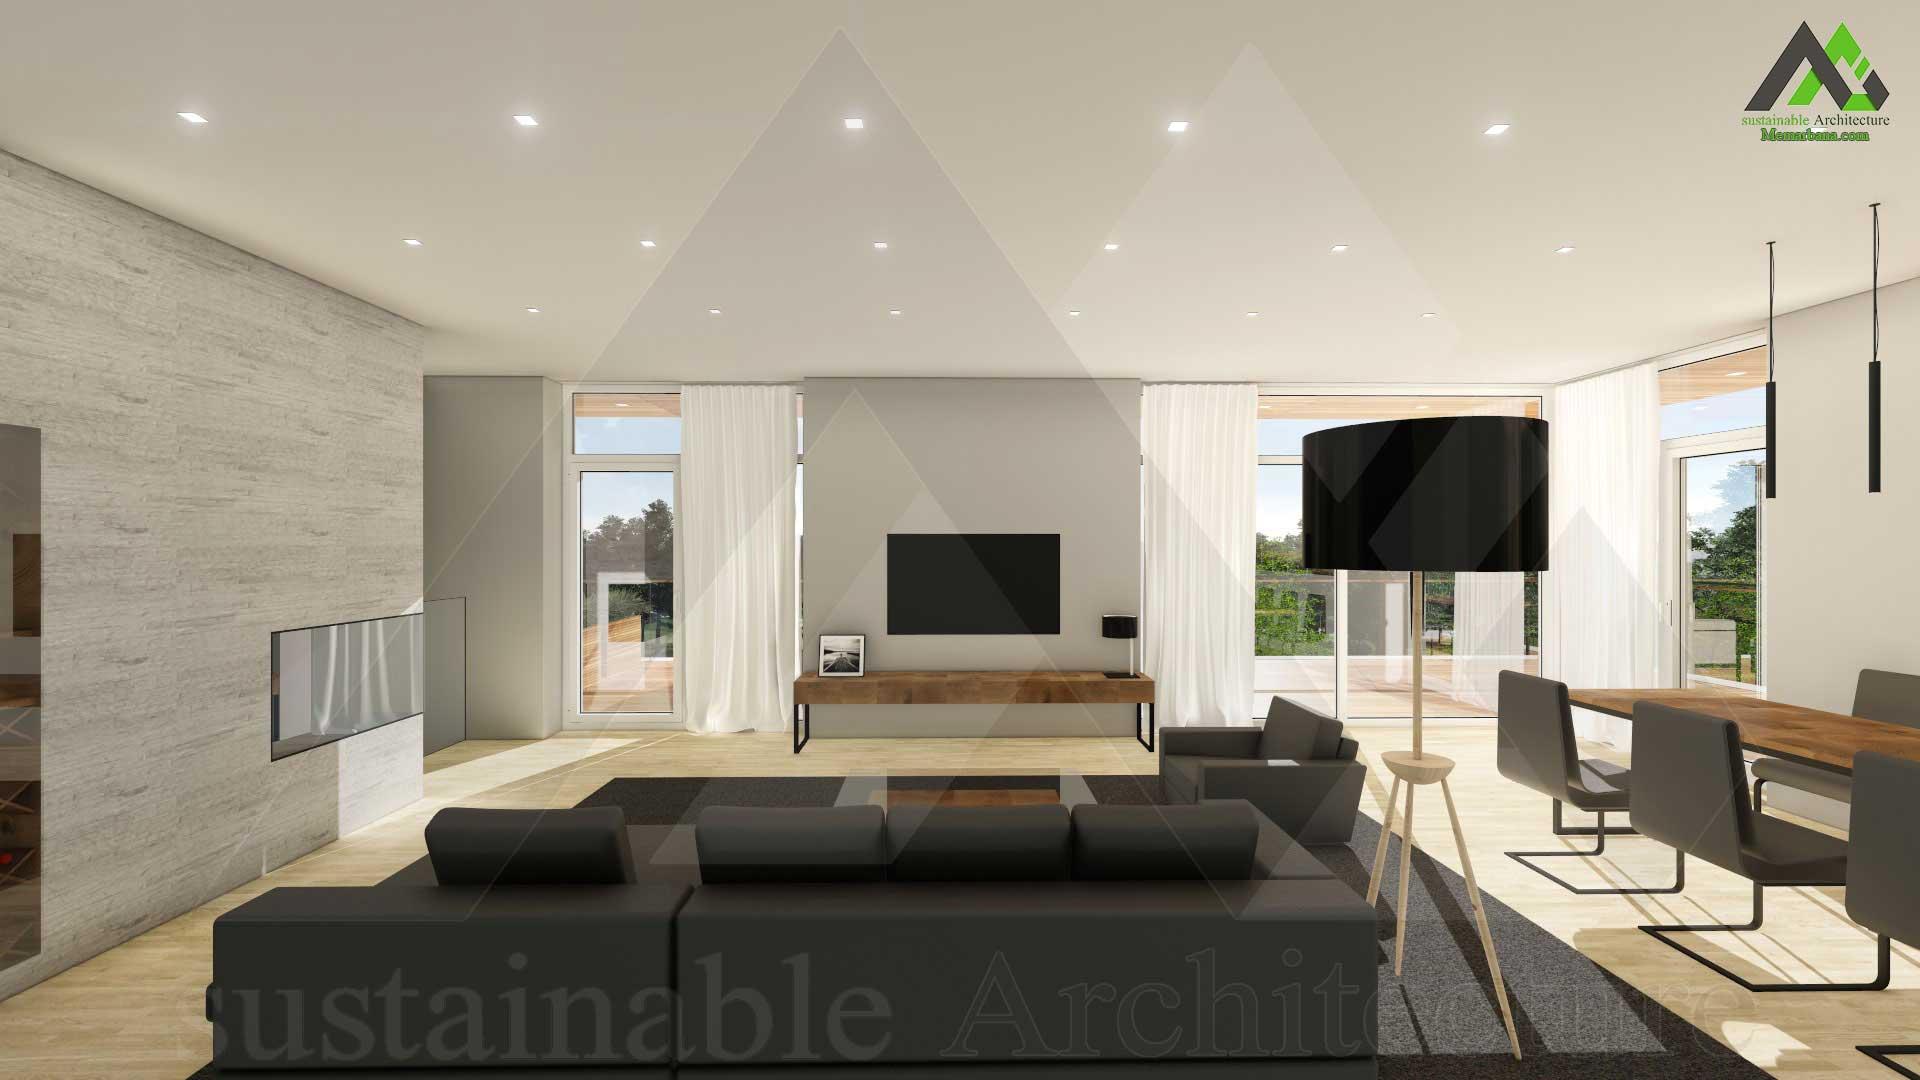 طراحی پلان اجرایی ویلایی دوبلکس مدرن